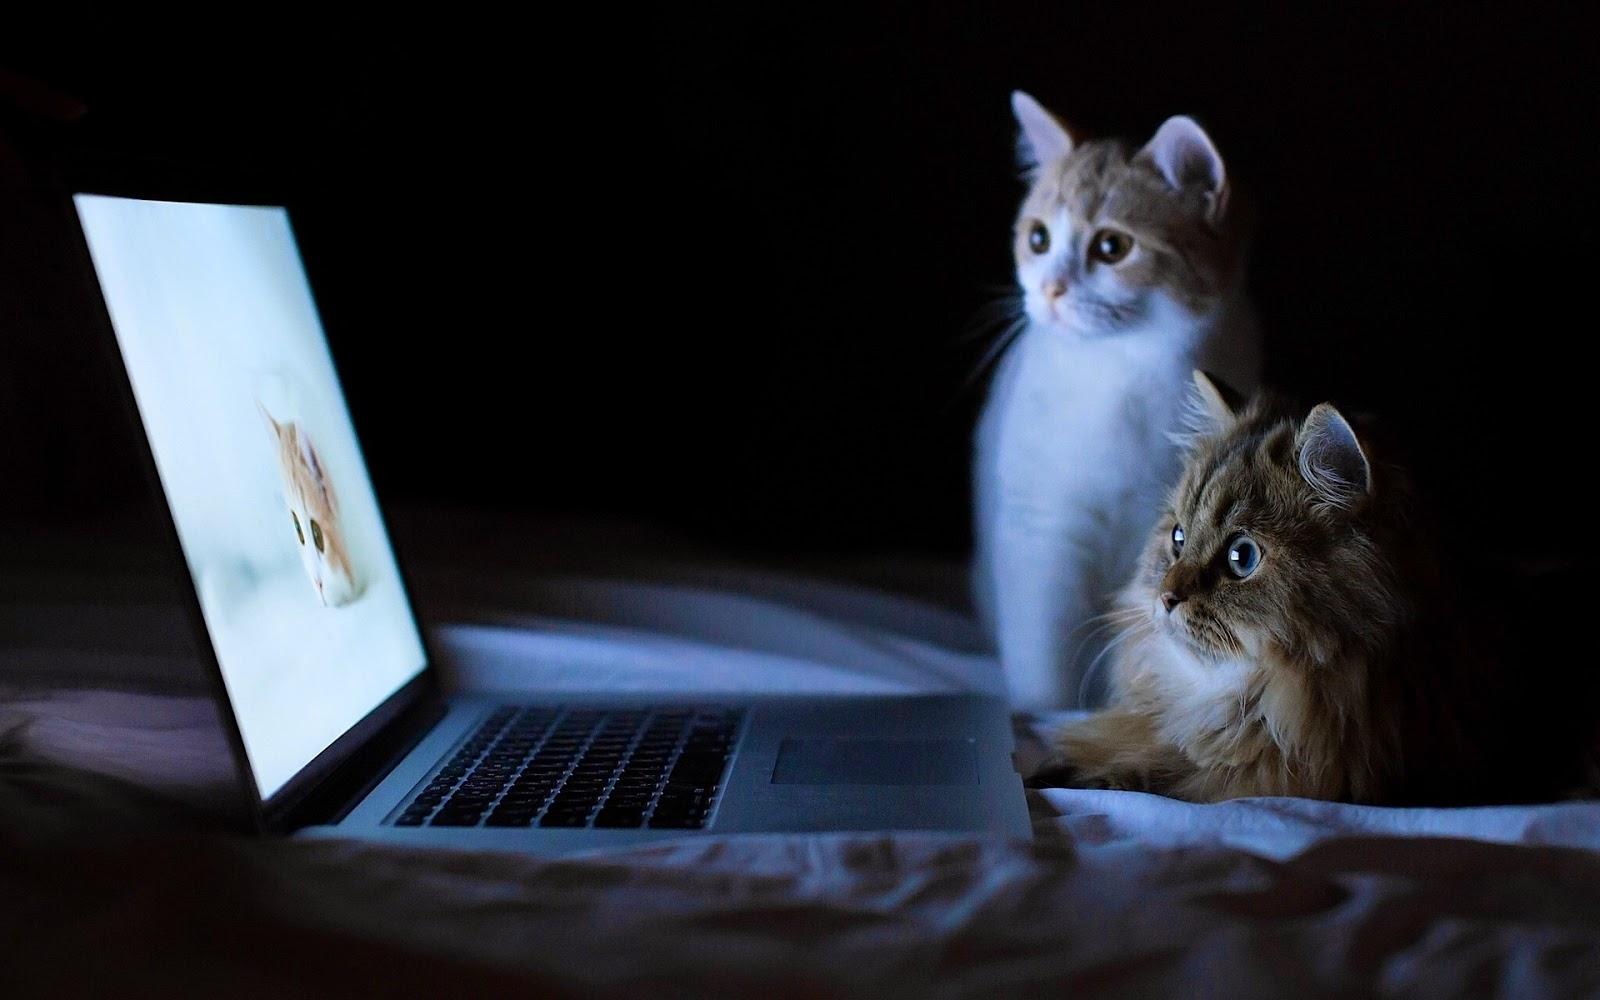 Kumpulan Gambar Lucu Binatang Lagi Maen KomputerJago TawA